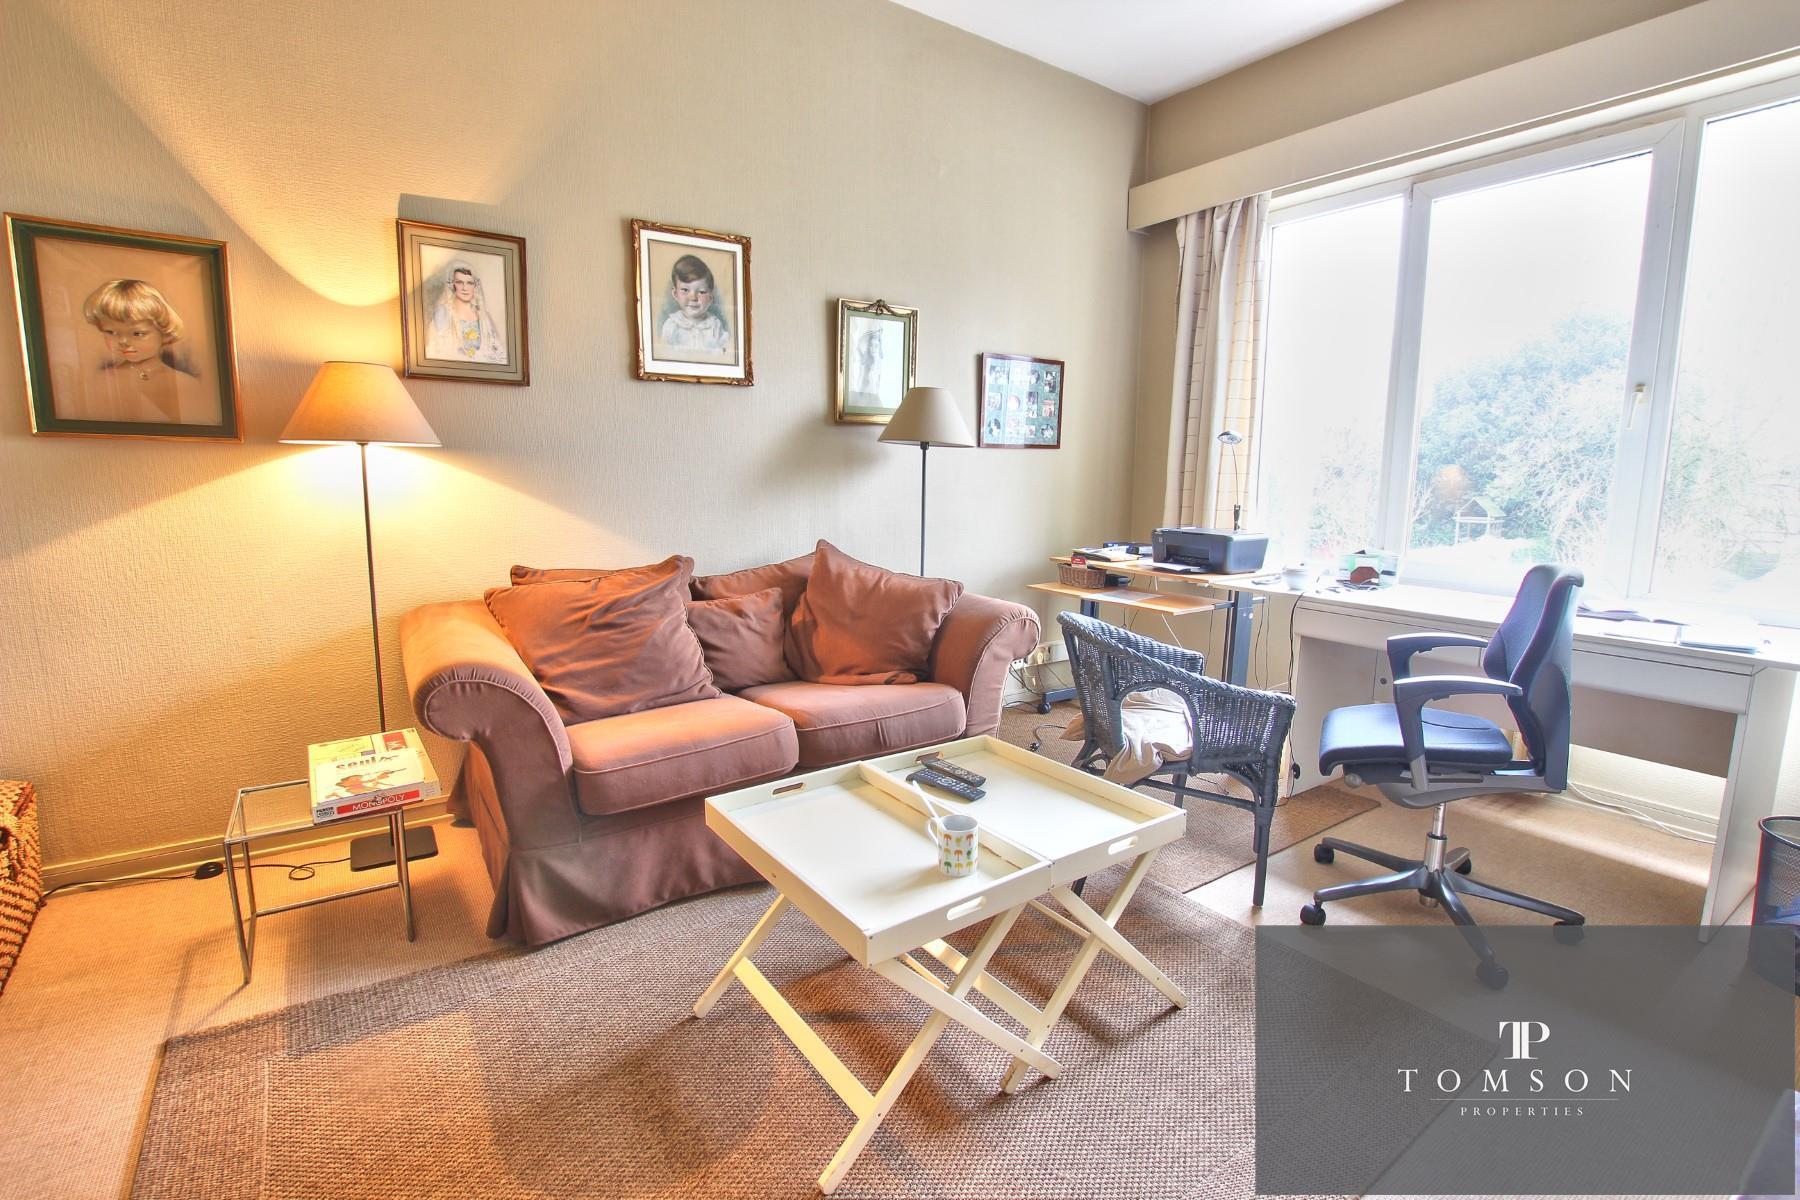 Appartement exceptionnel - Ixelles - #4098210-9